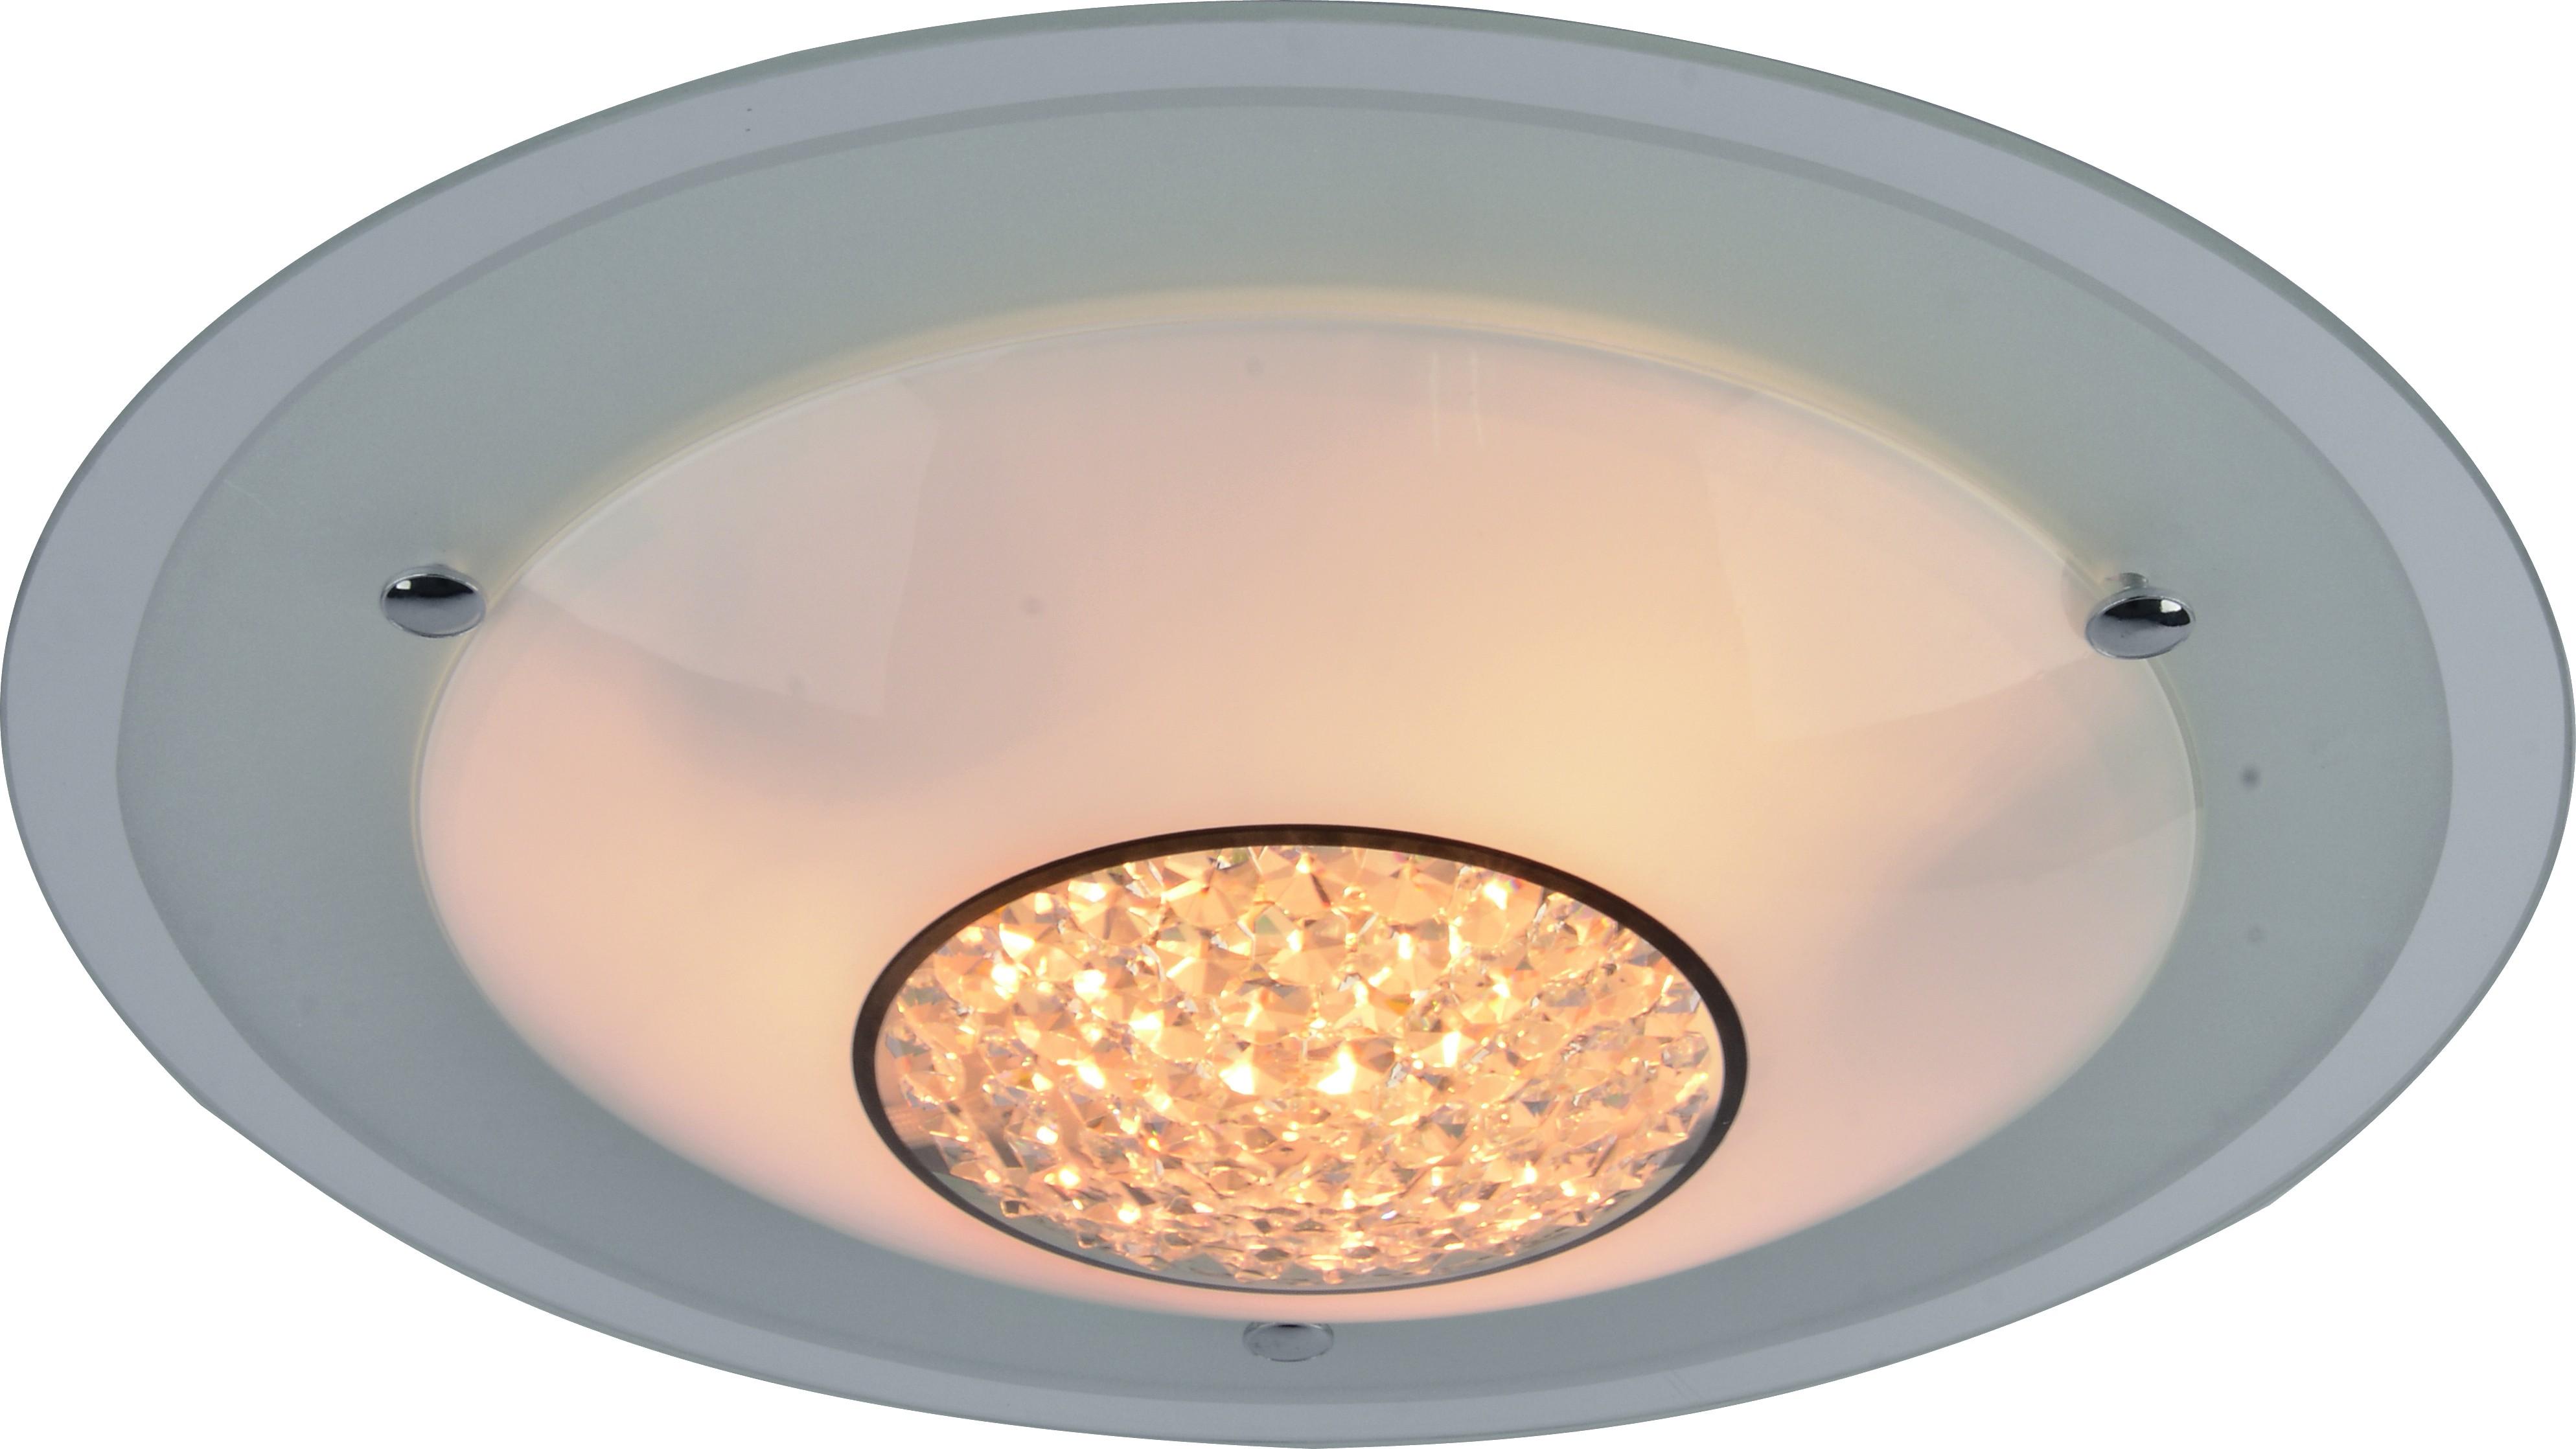 Светильник настенно-потолочный Arte lamp A4833pl-3cc потолочный светильник arte lamp pasta a5085pl 3cc